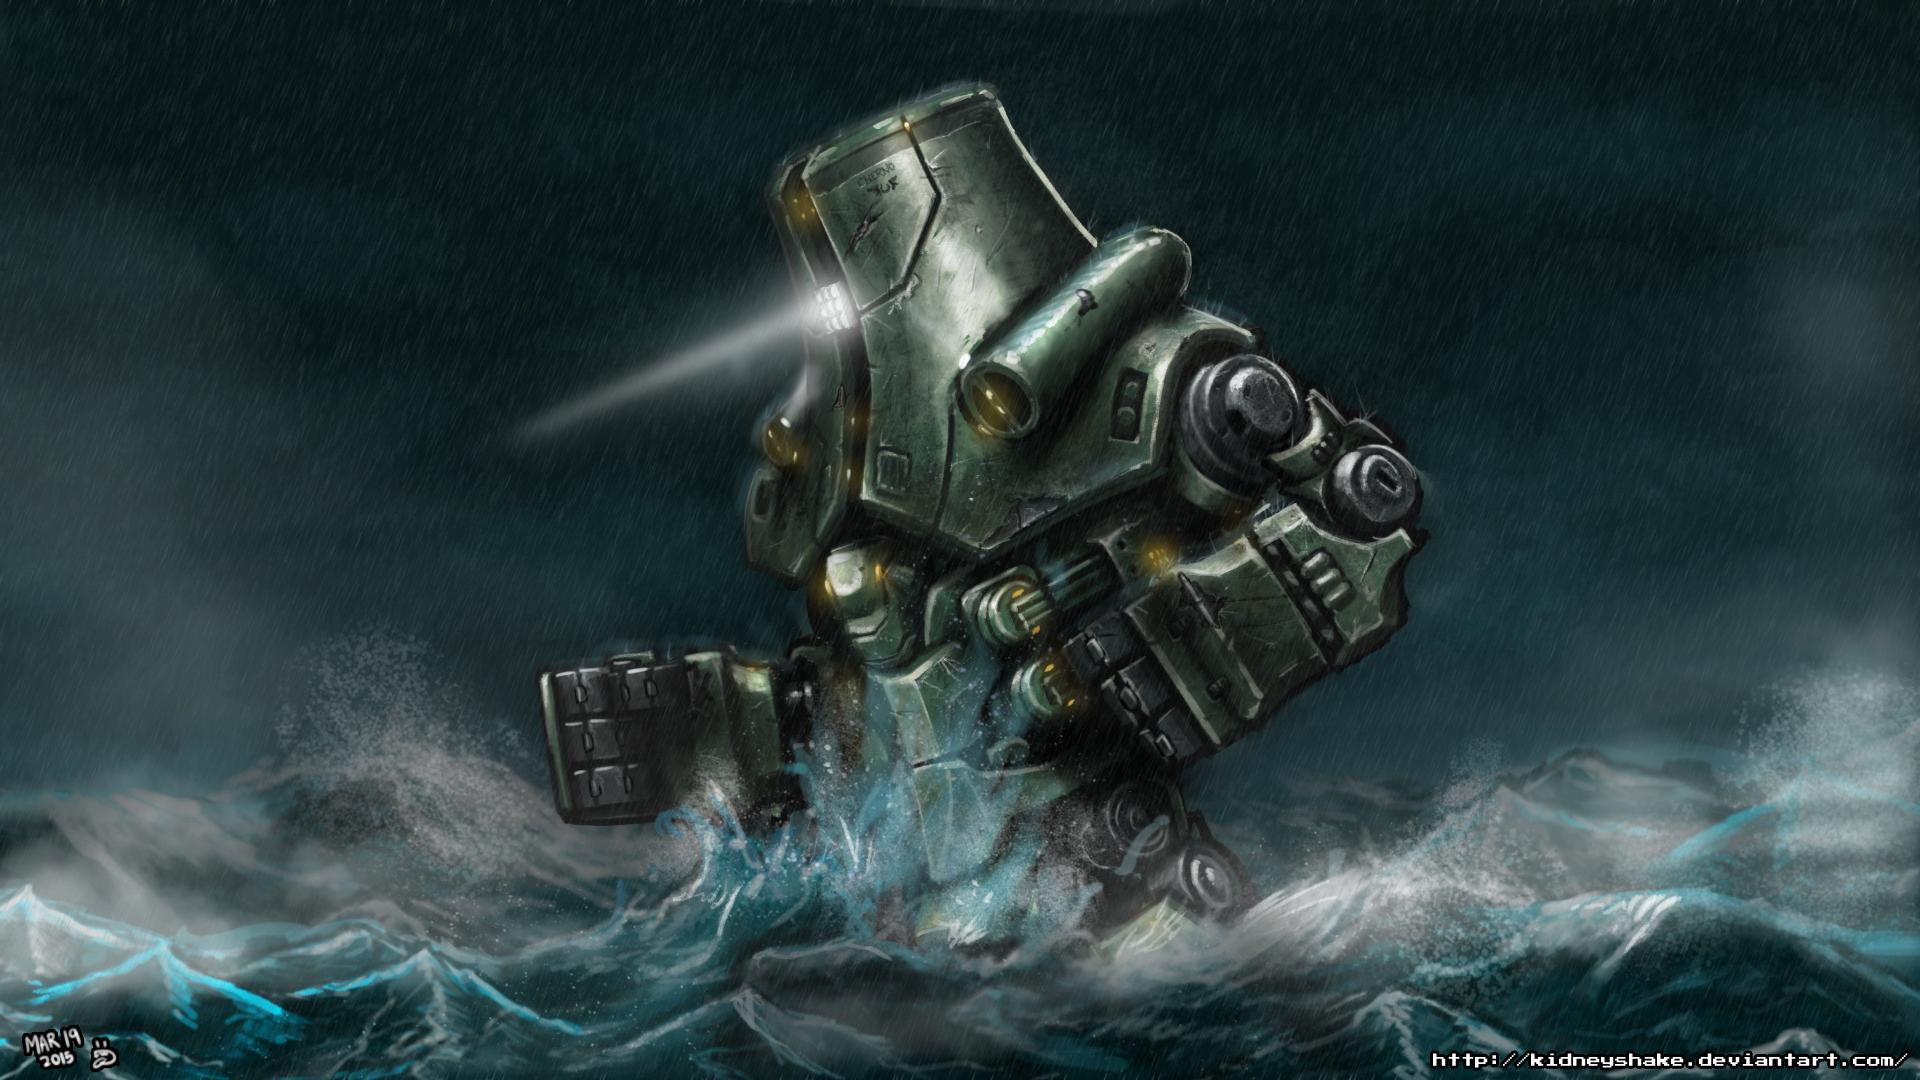 Pacific Rim - Cherno Alpha by KidneyShake on DeviantArt